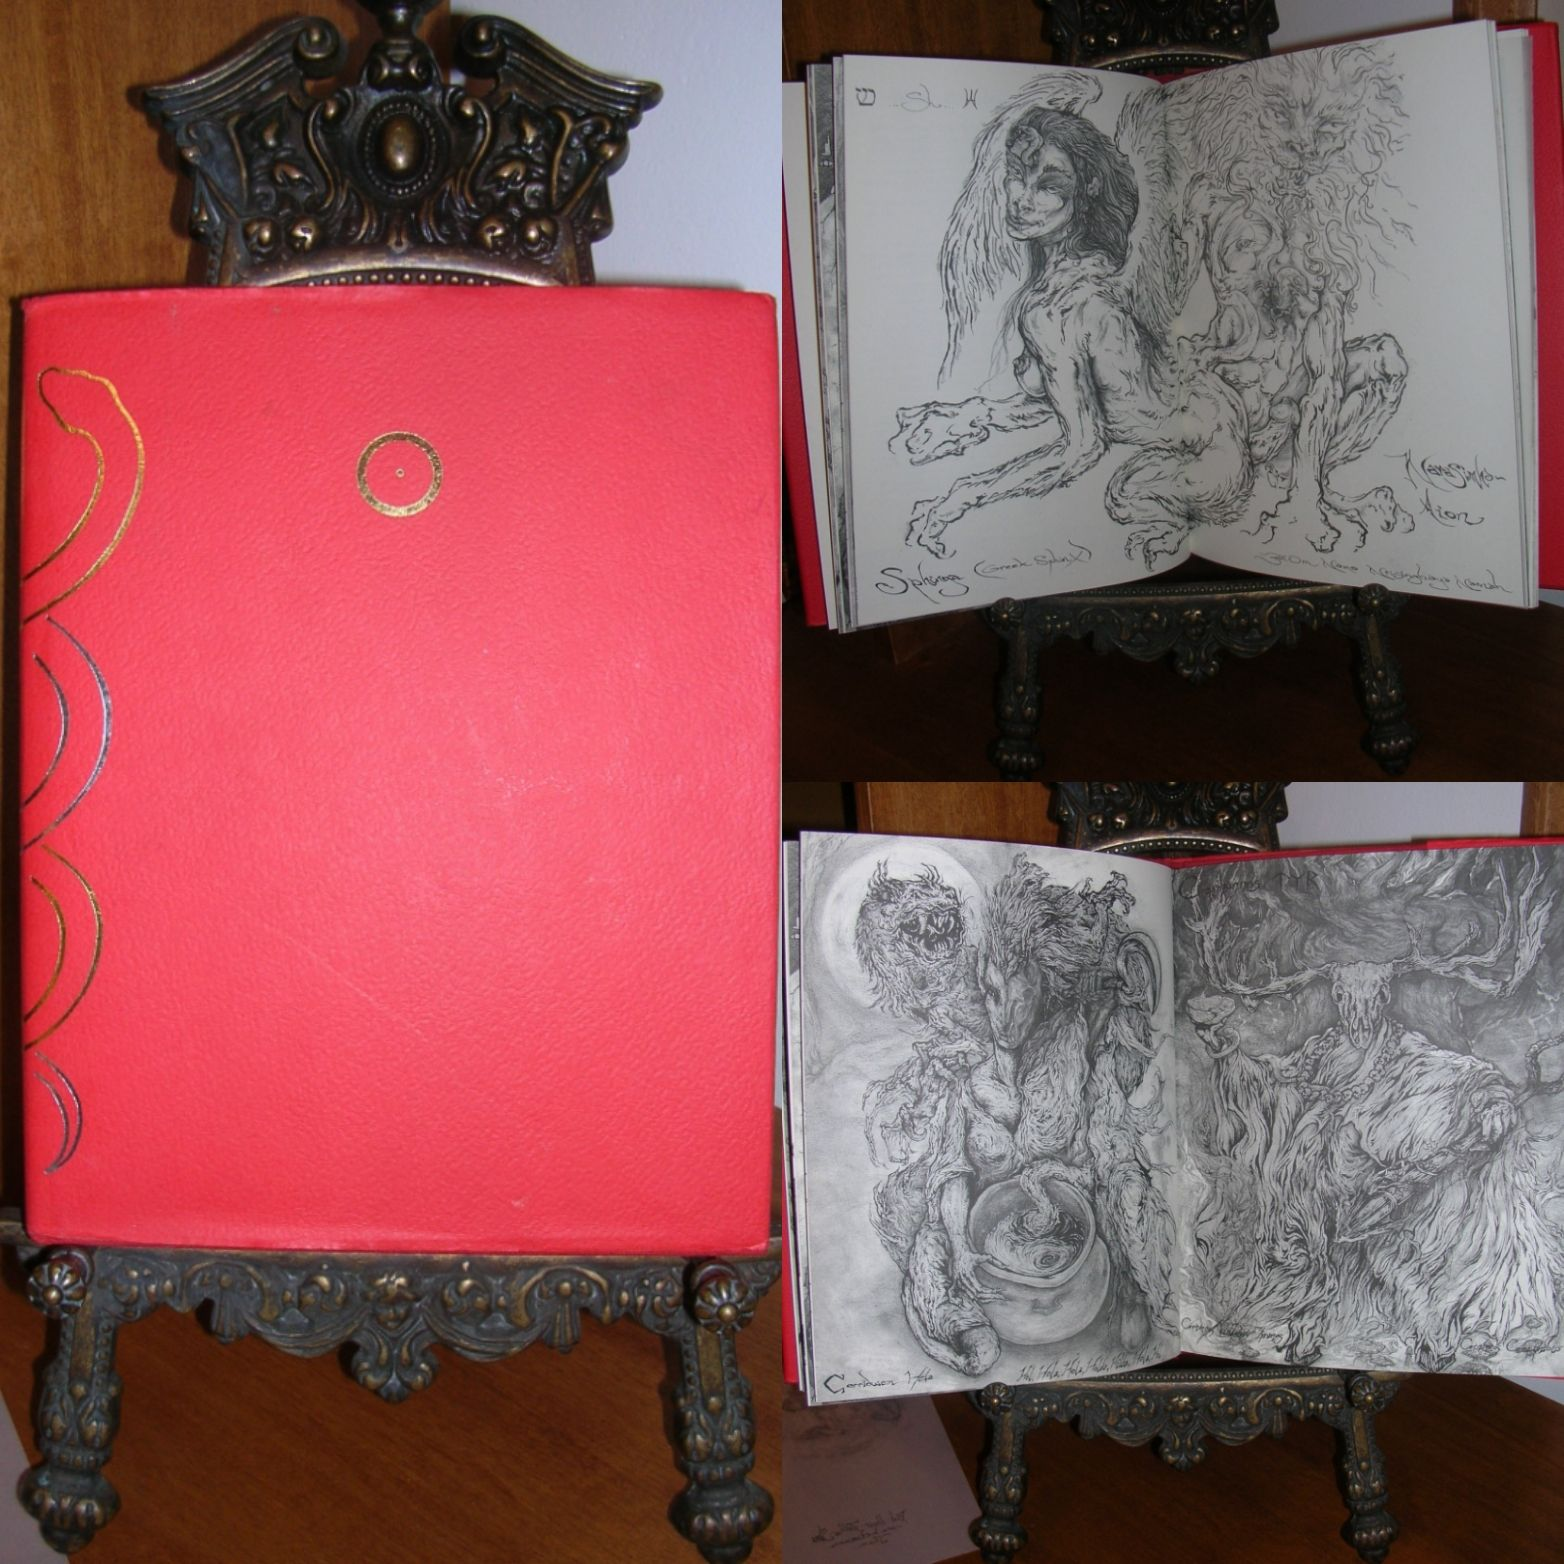 Conjunctio, di Orryelle, storia e magia di un grimorio